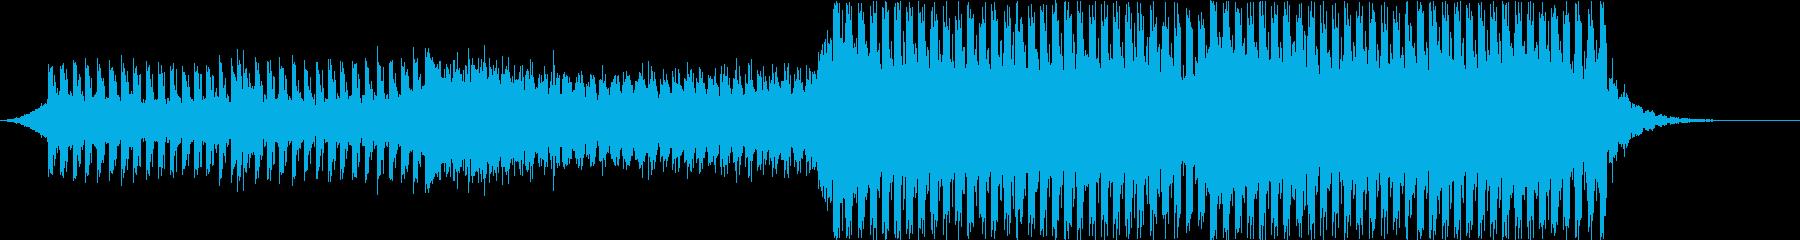 浮遊感のあるトランスの再生済みの波形